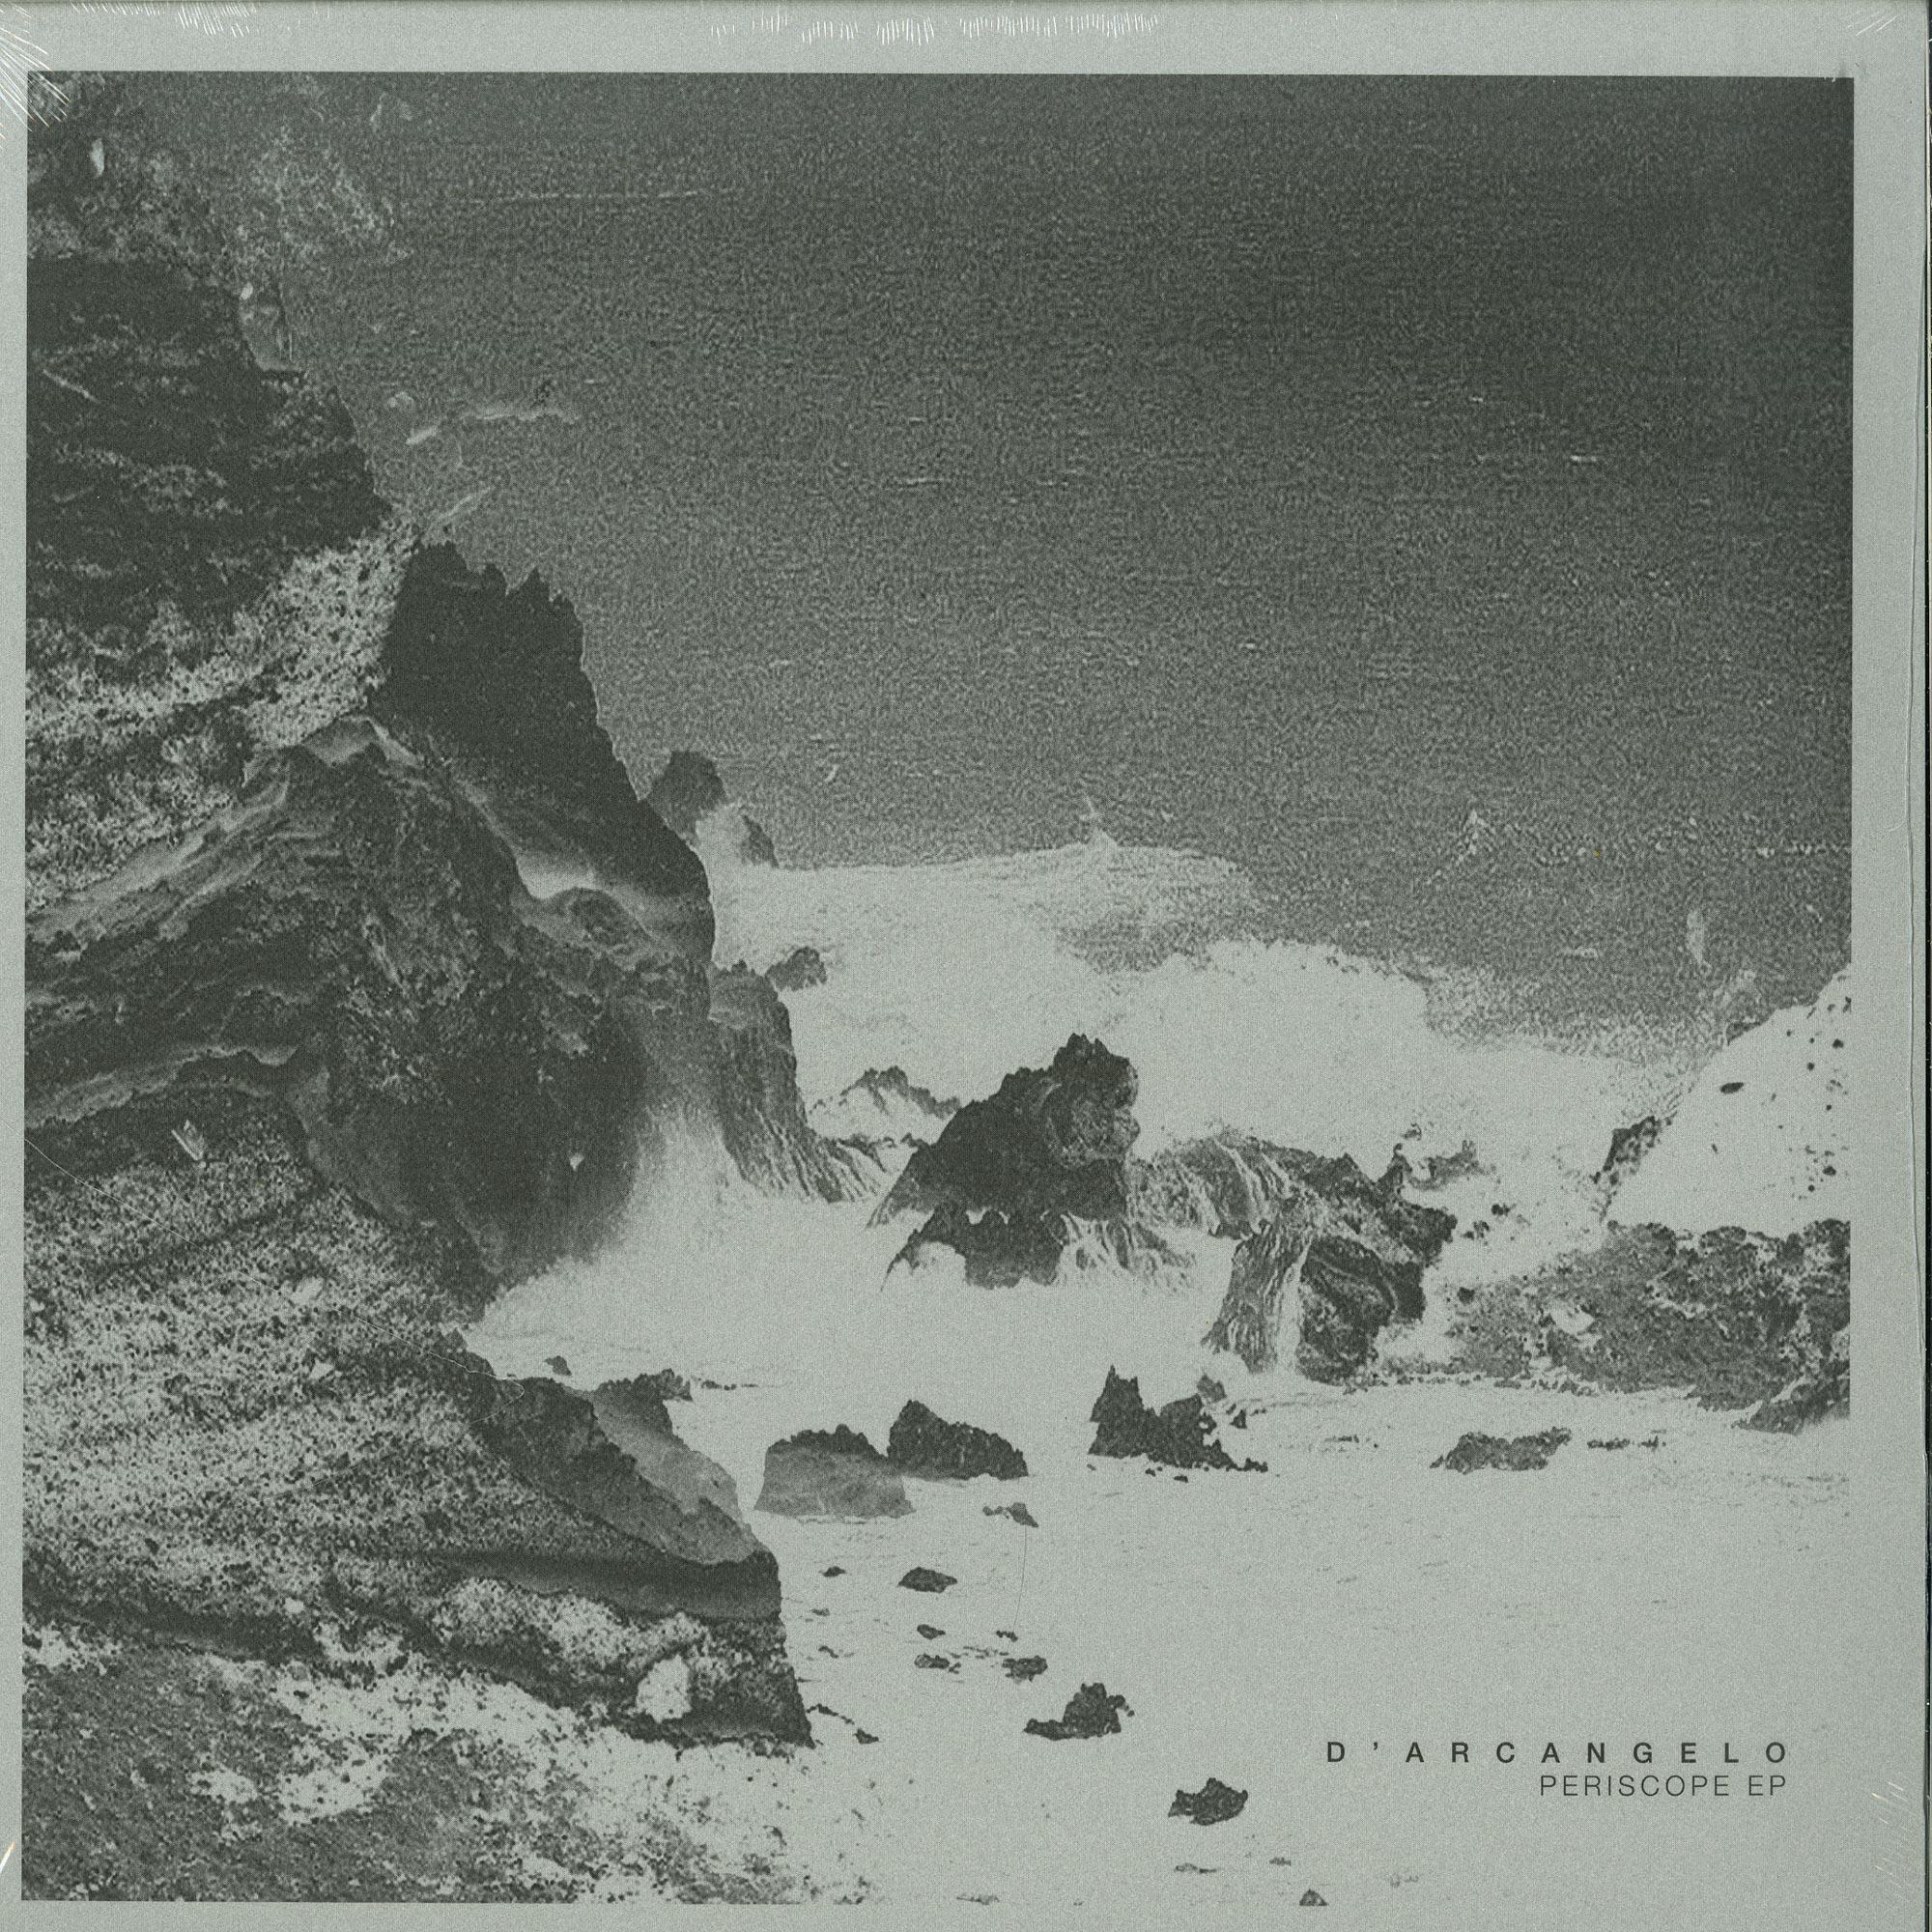 D Arcangelo - PERISCOPE EP